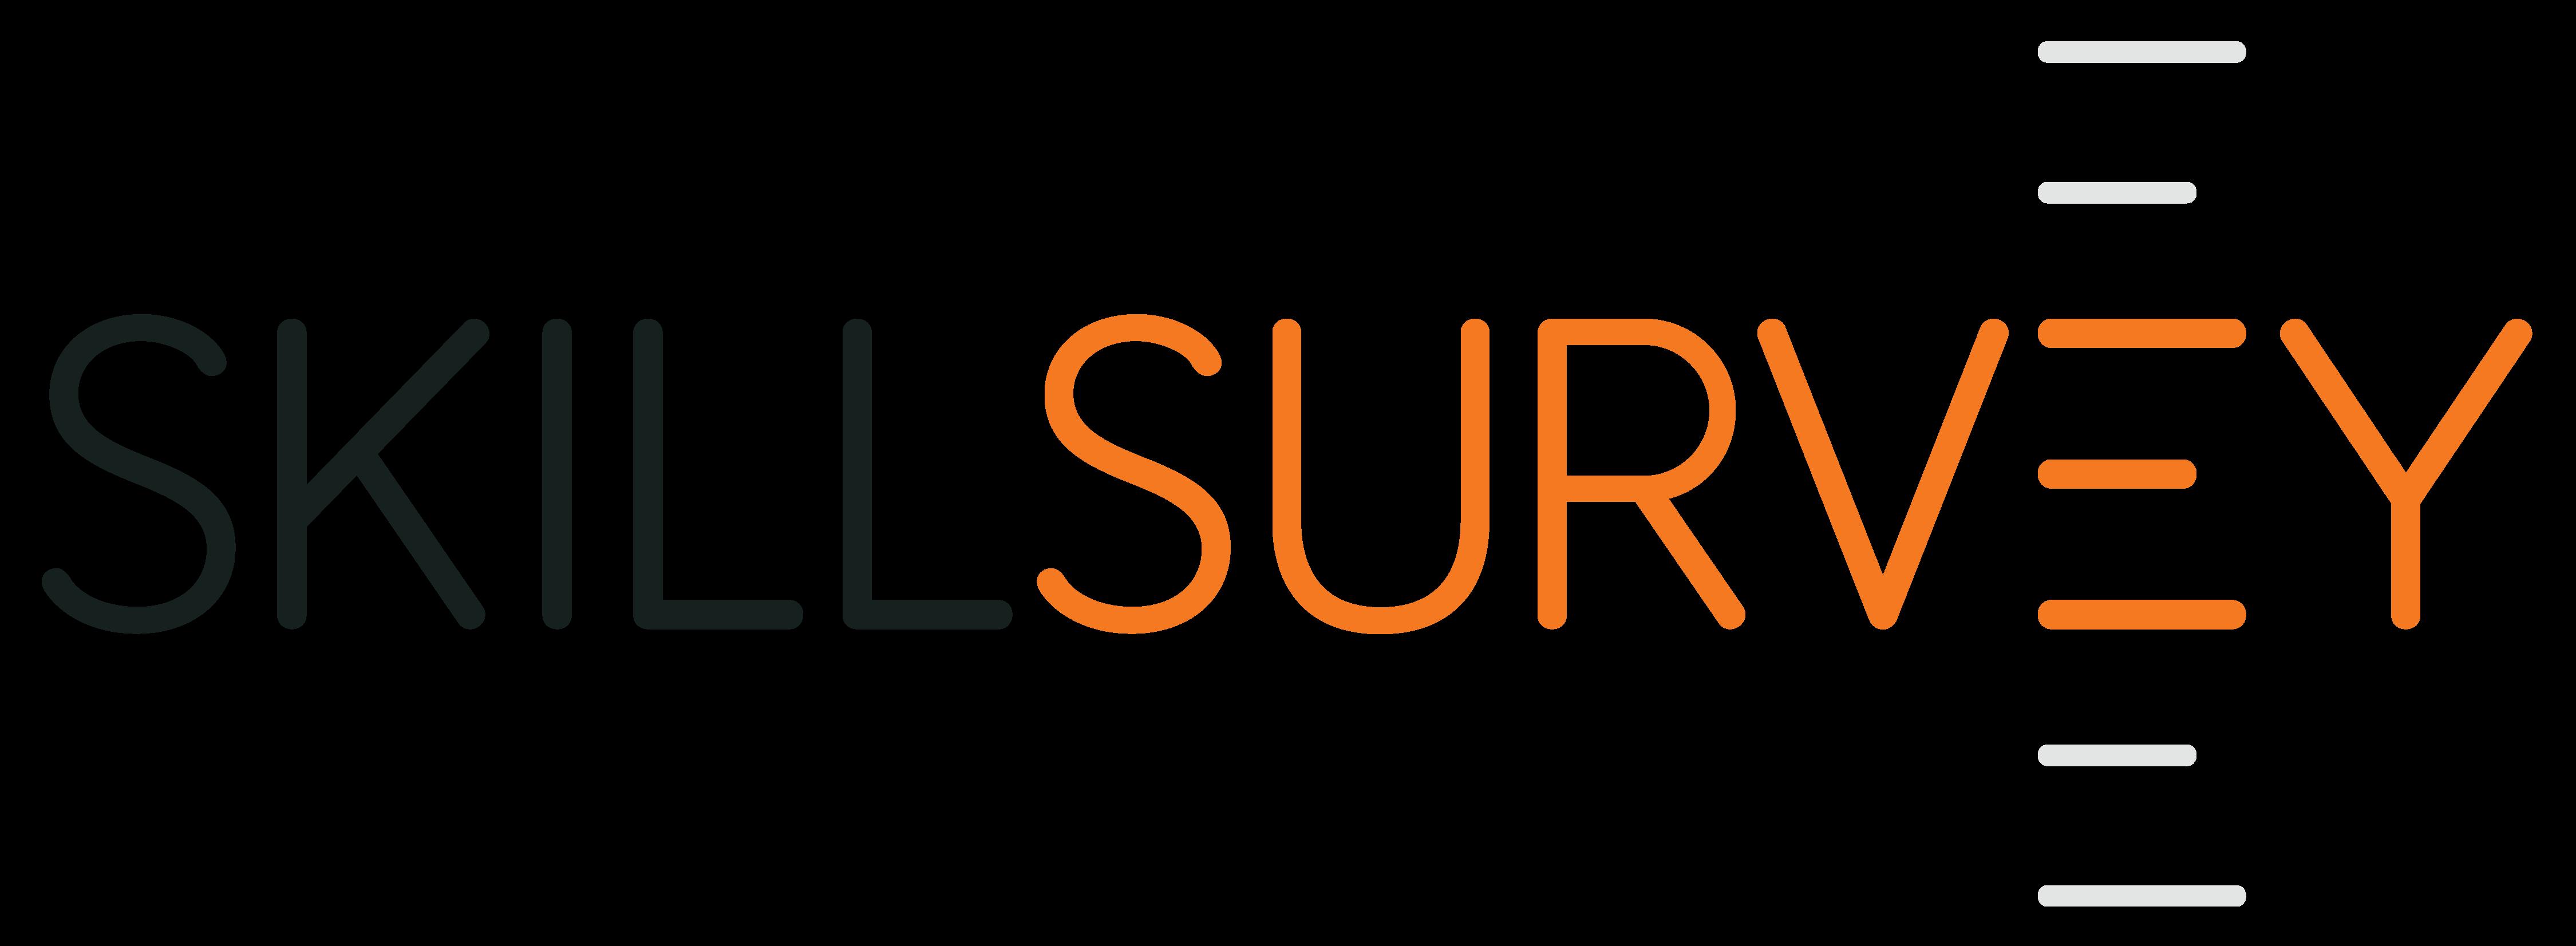 SkillSurvey Reference® logo